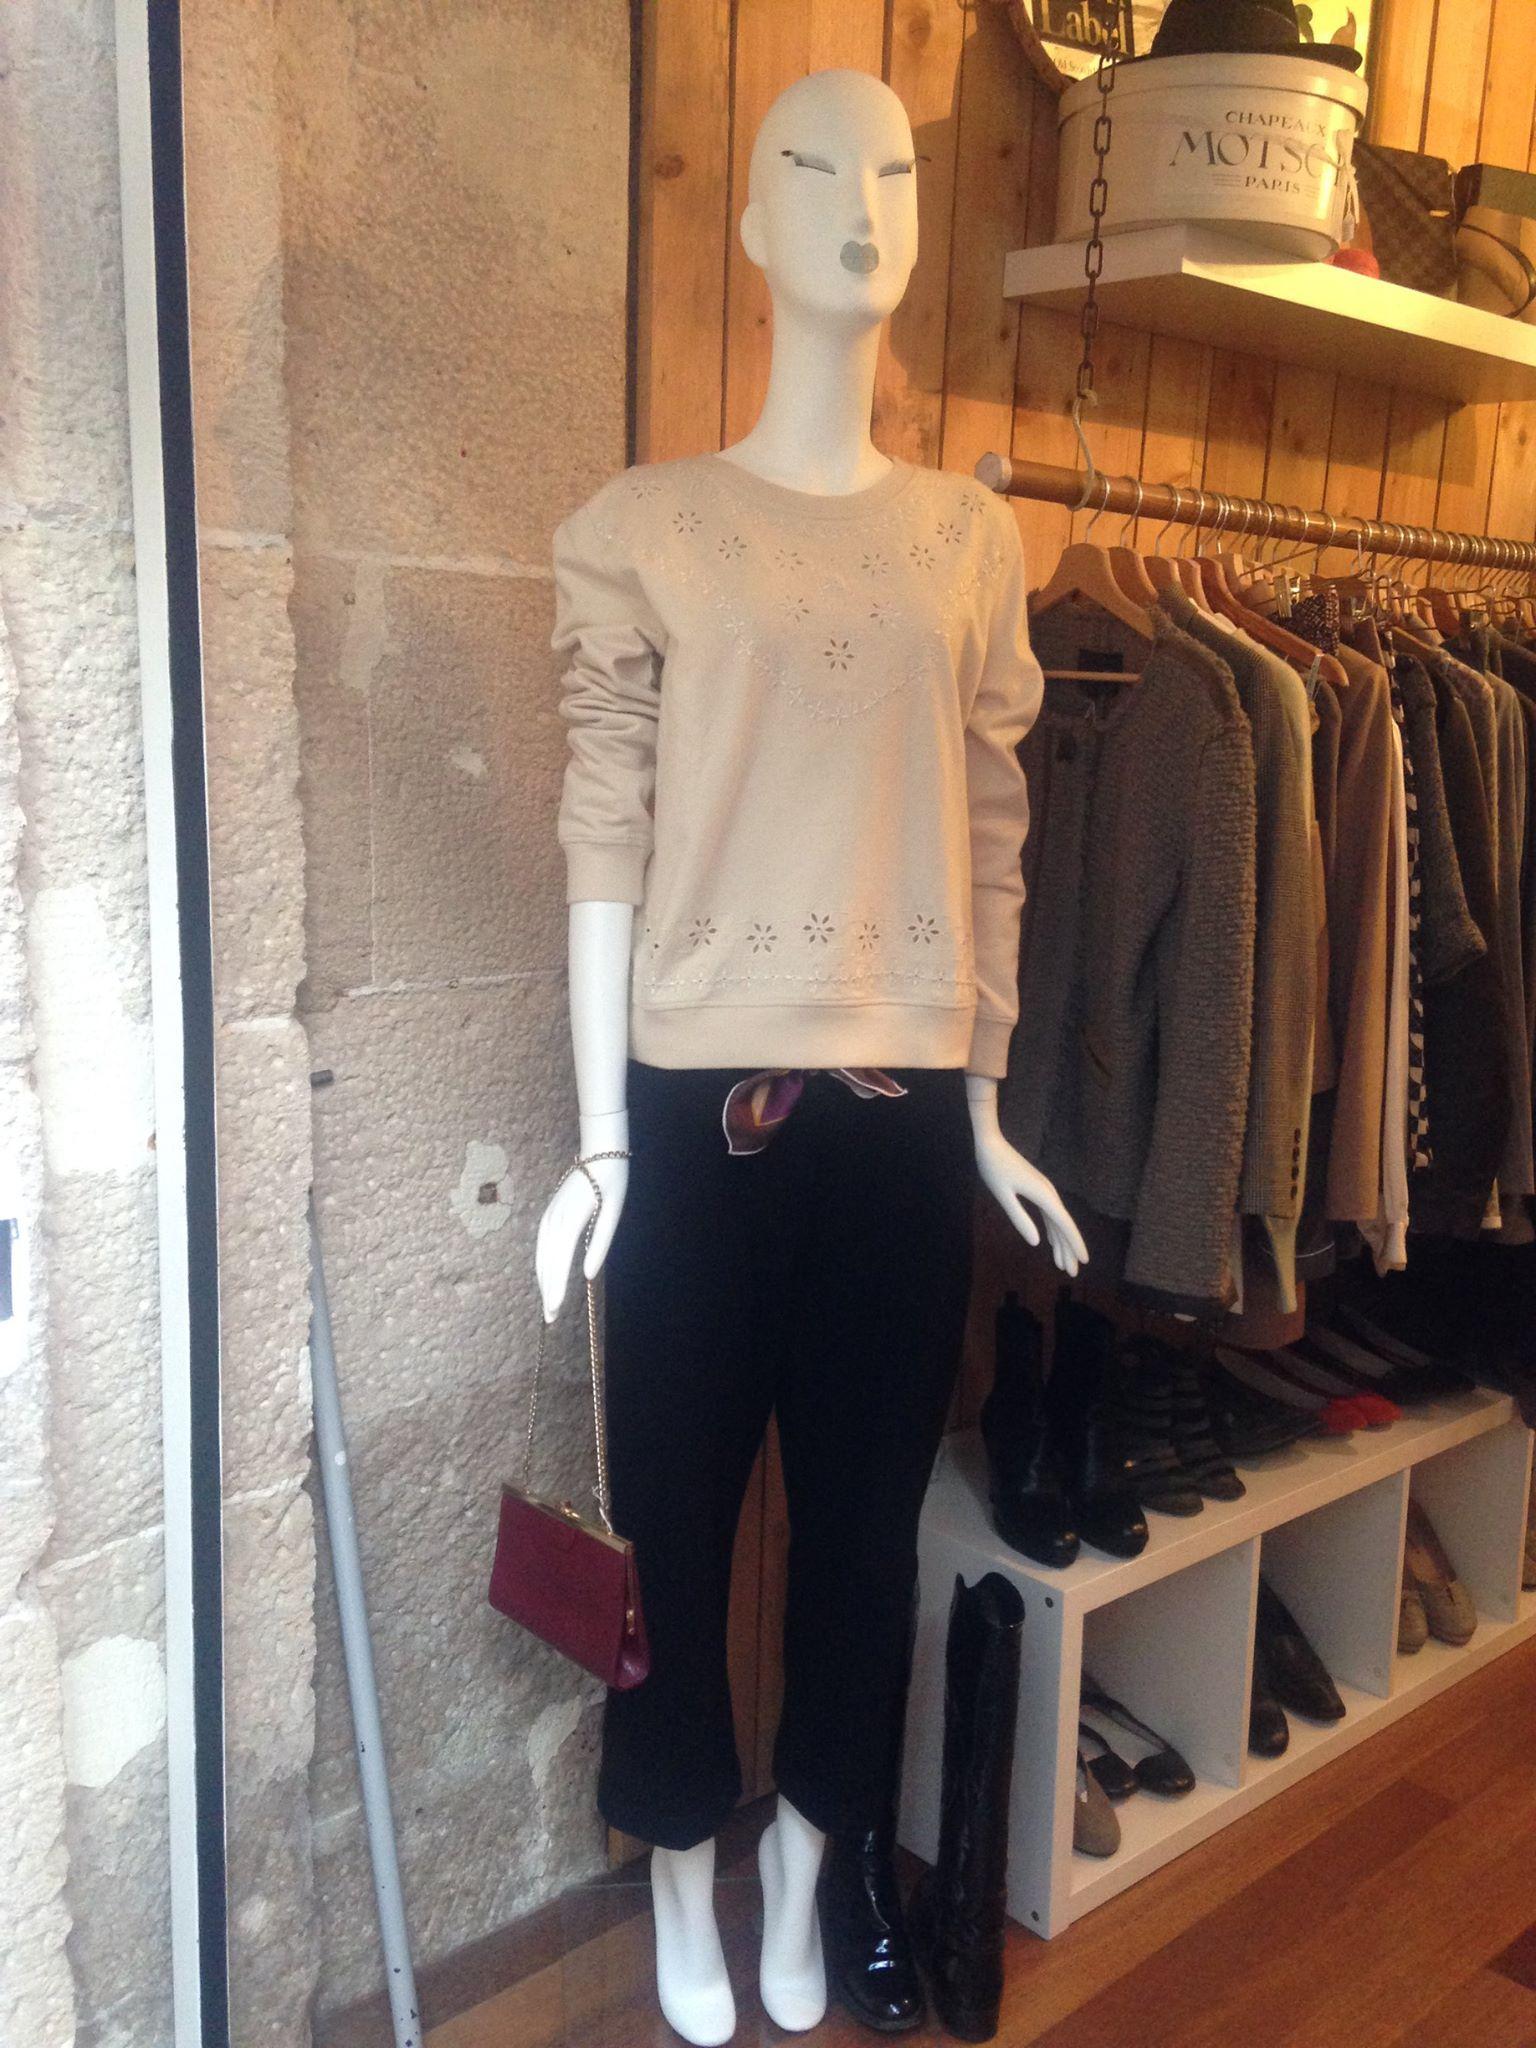 boutique tendance dépôt-vente paris le marais vêtements luxe d'occasion 75004